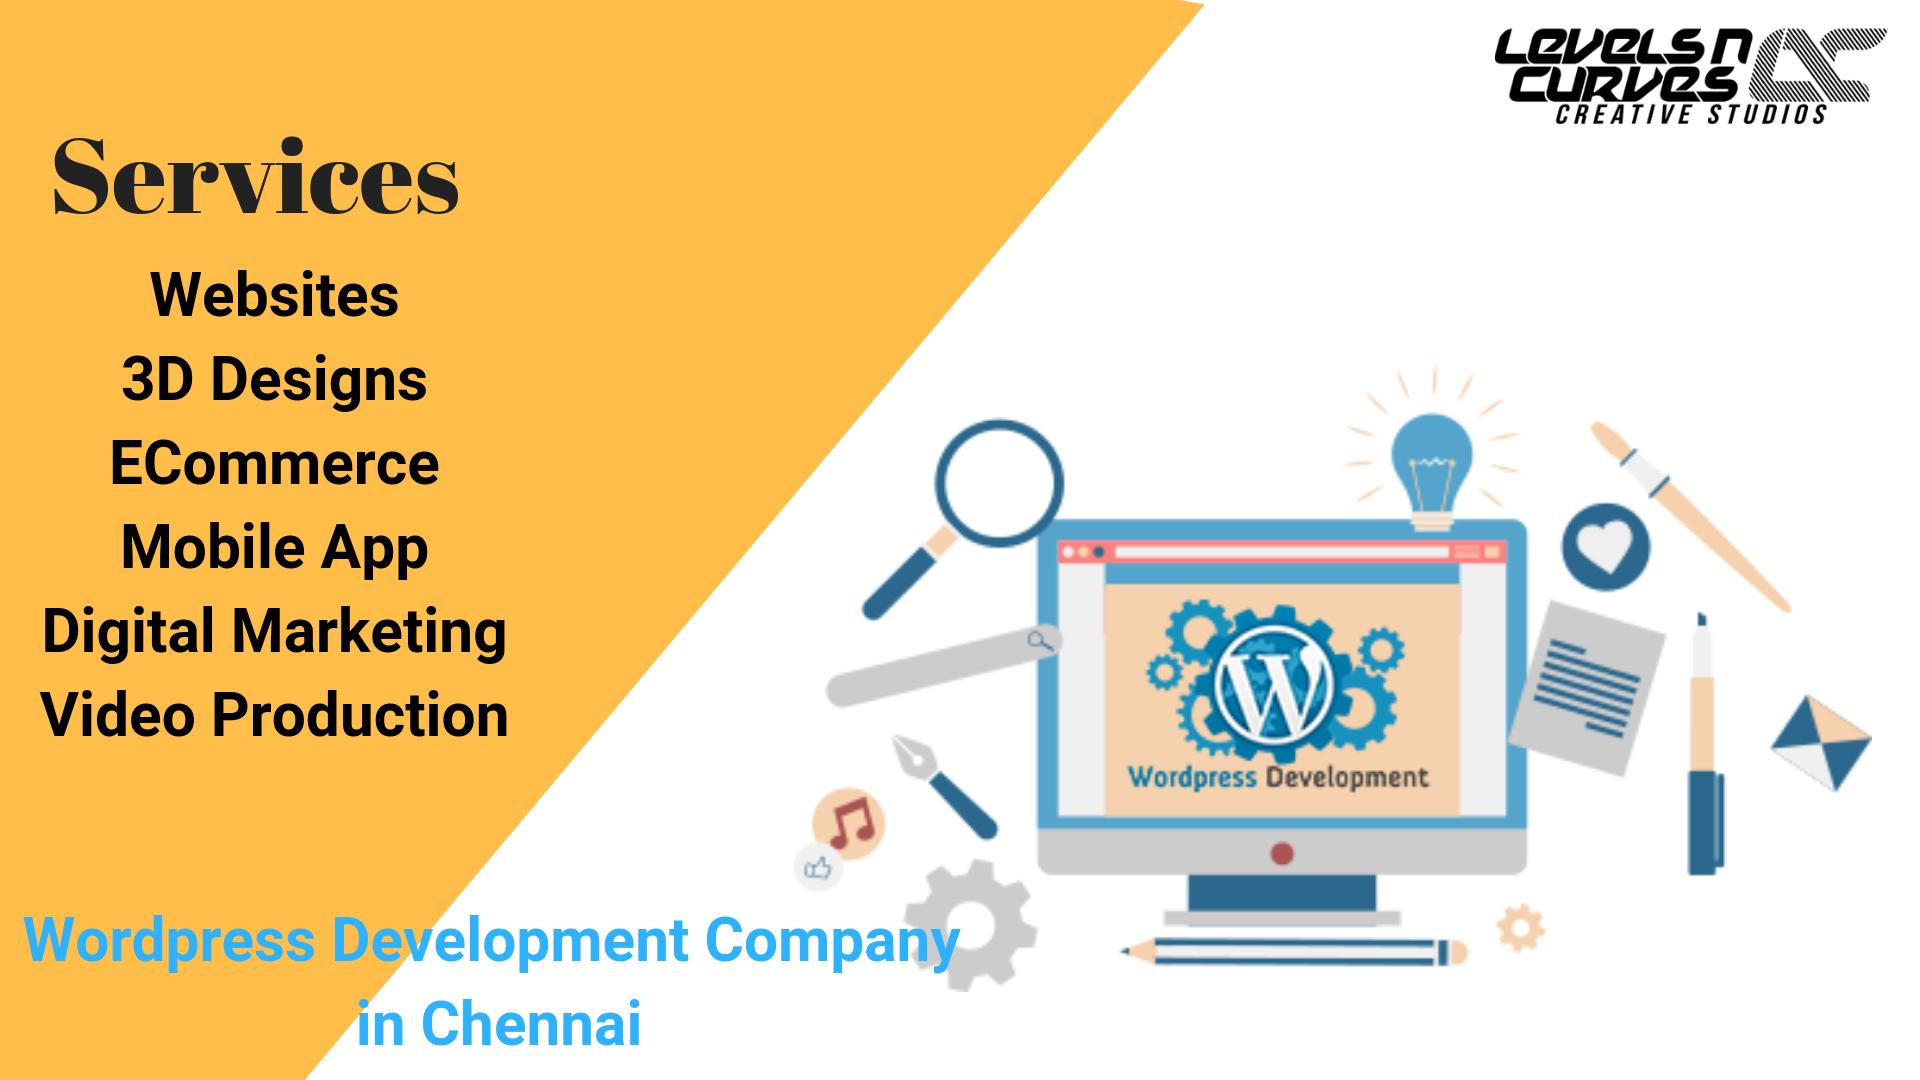 Web Design Company In Chennai Benefits From Website Design Company In 2020 Web Design Company Website Design Web Design